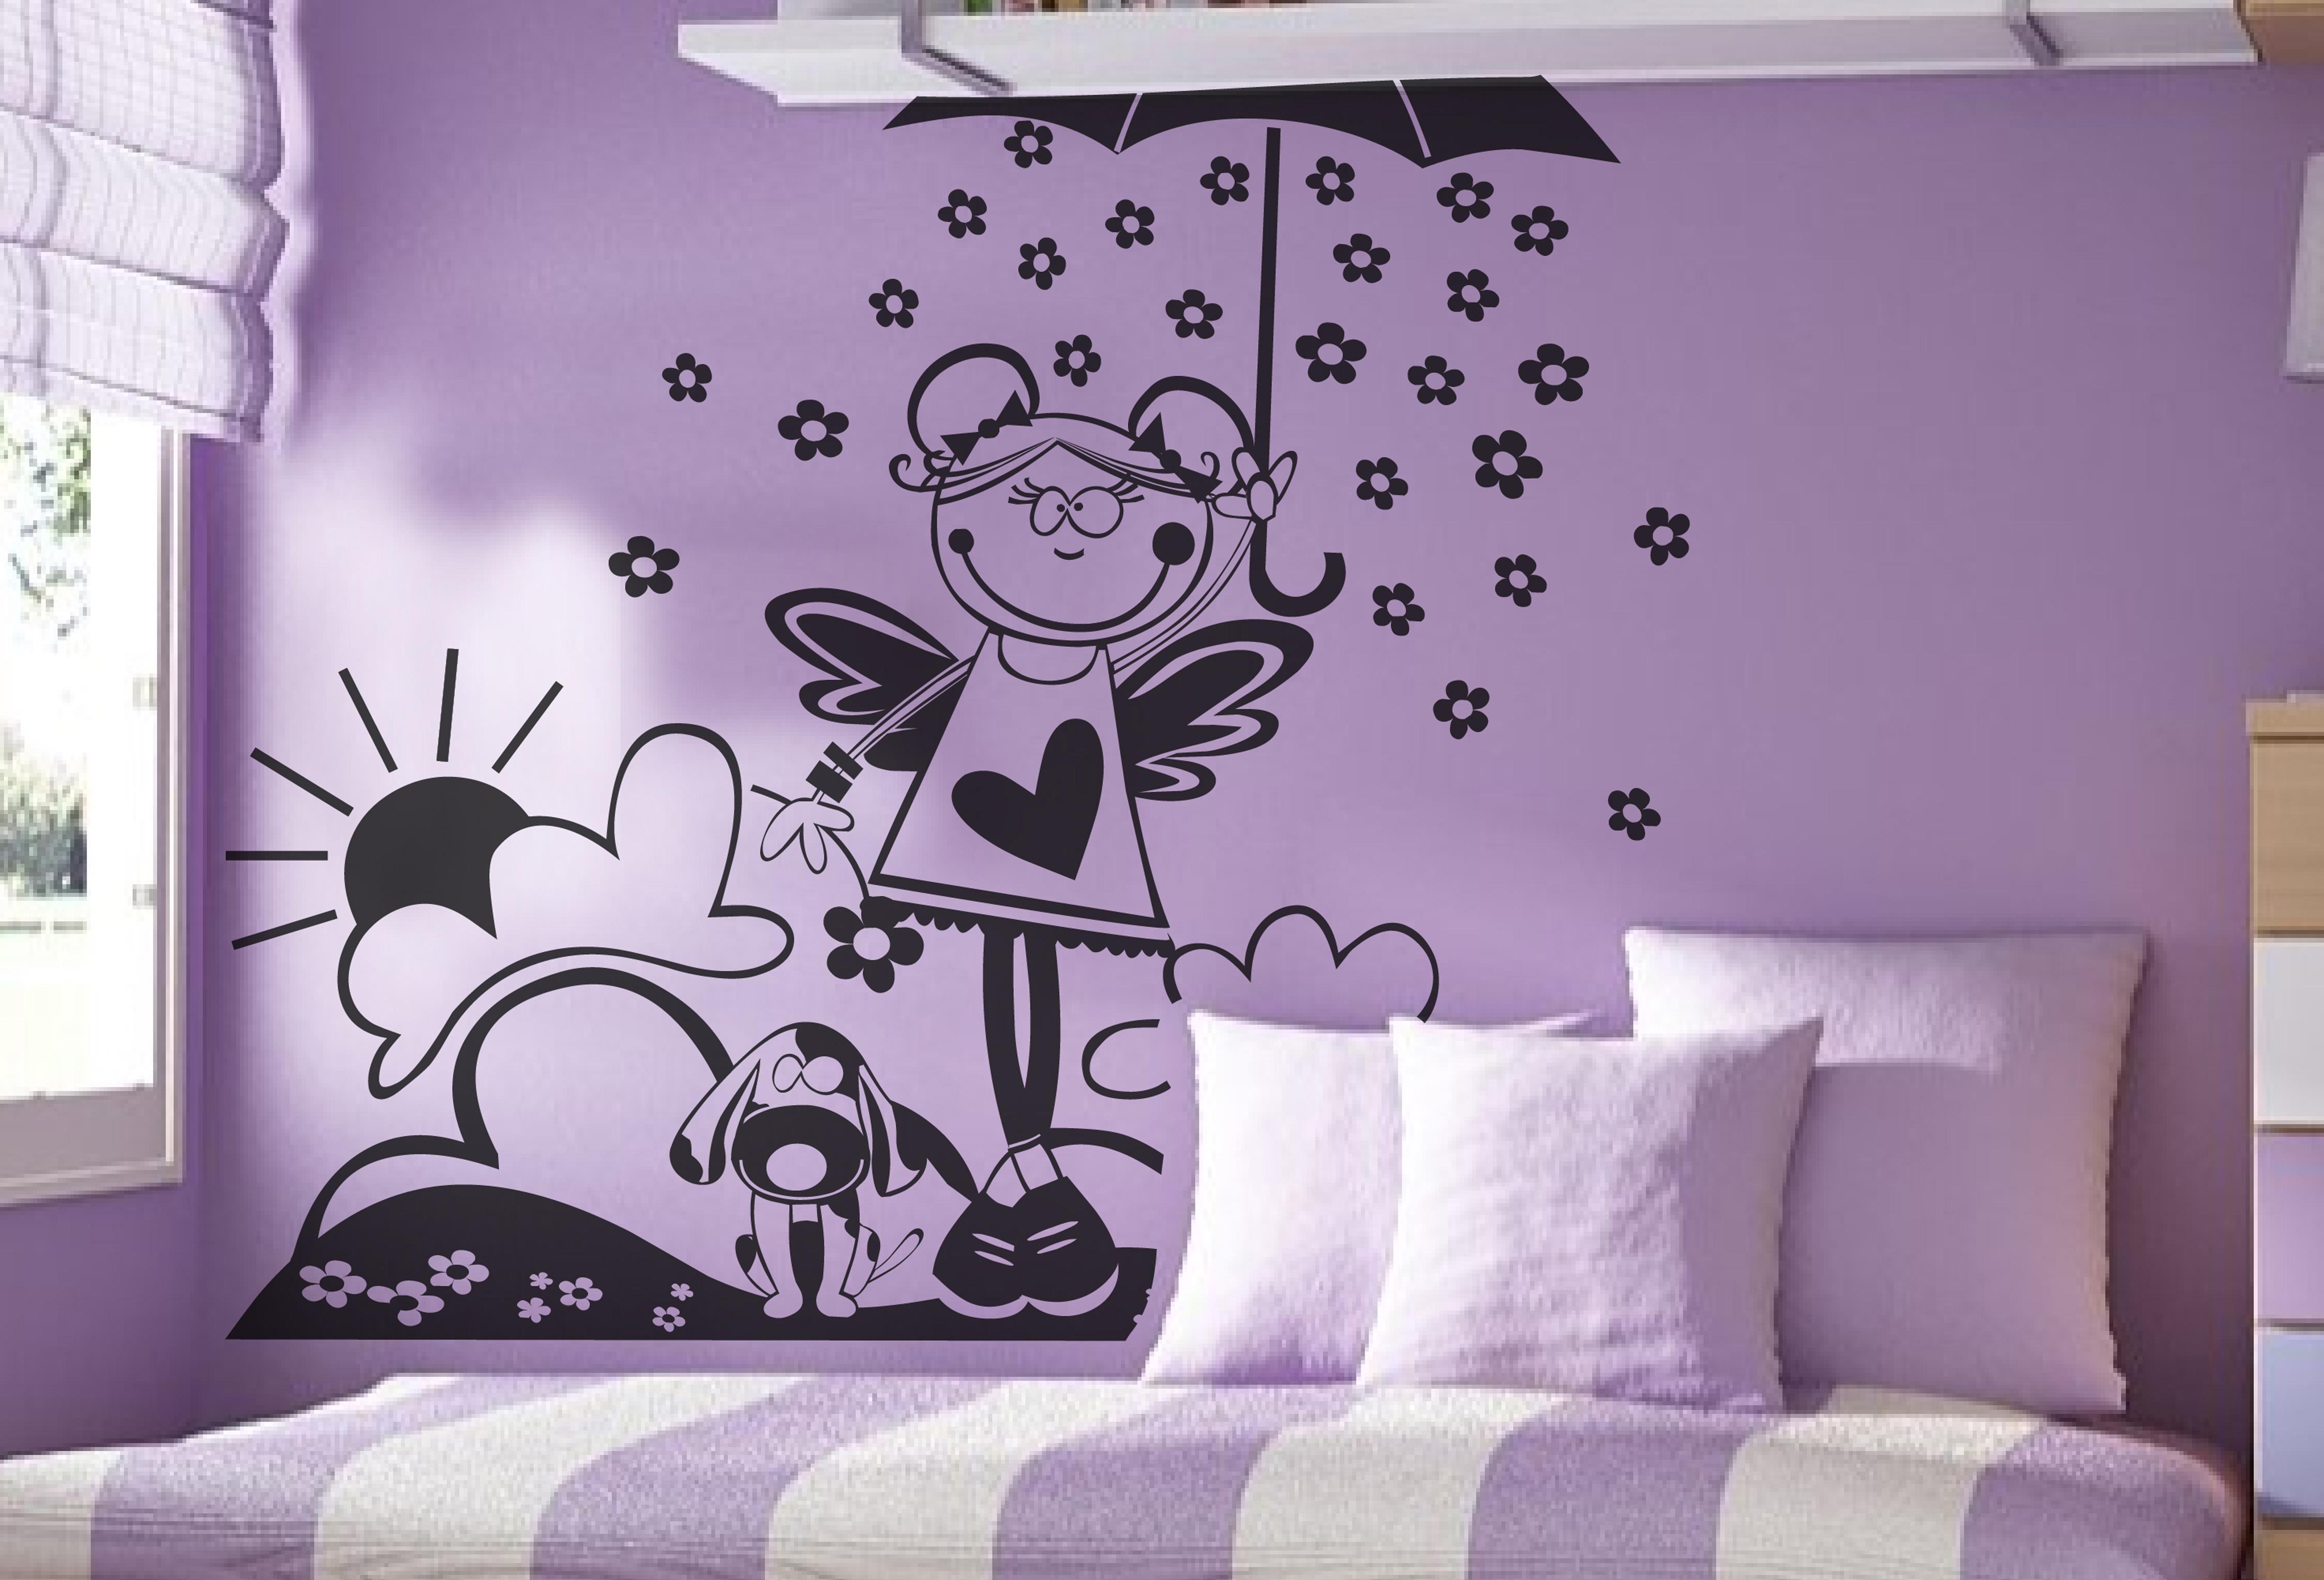 lo ltimo en decoraci n para tu hogar u oficina aprovech